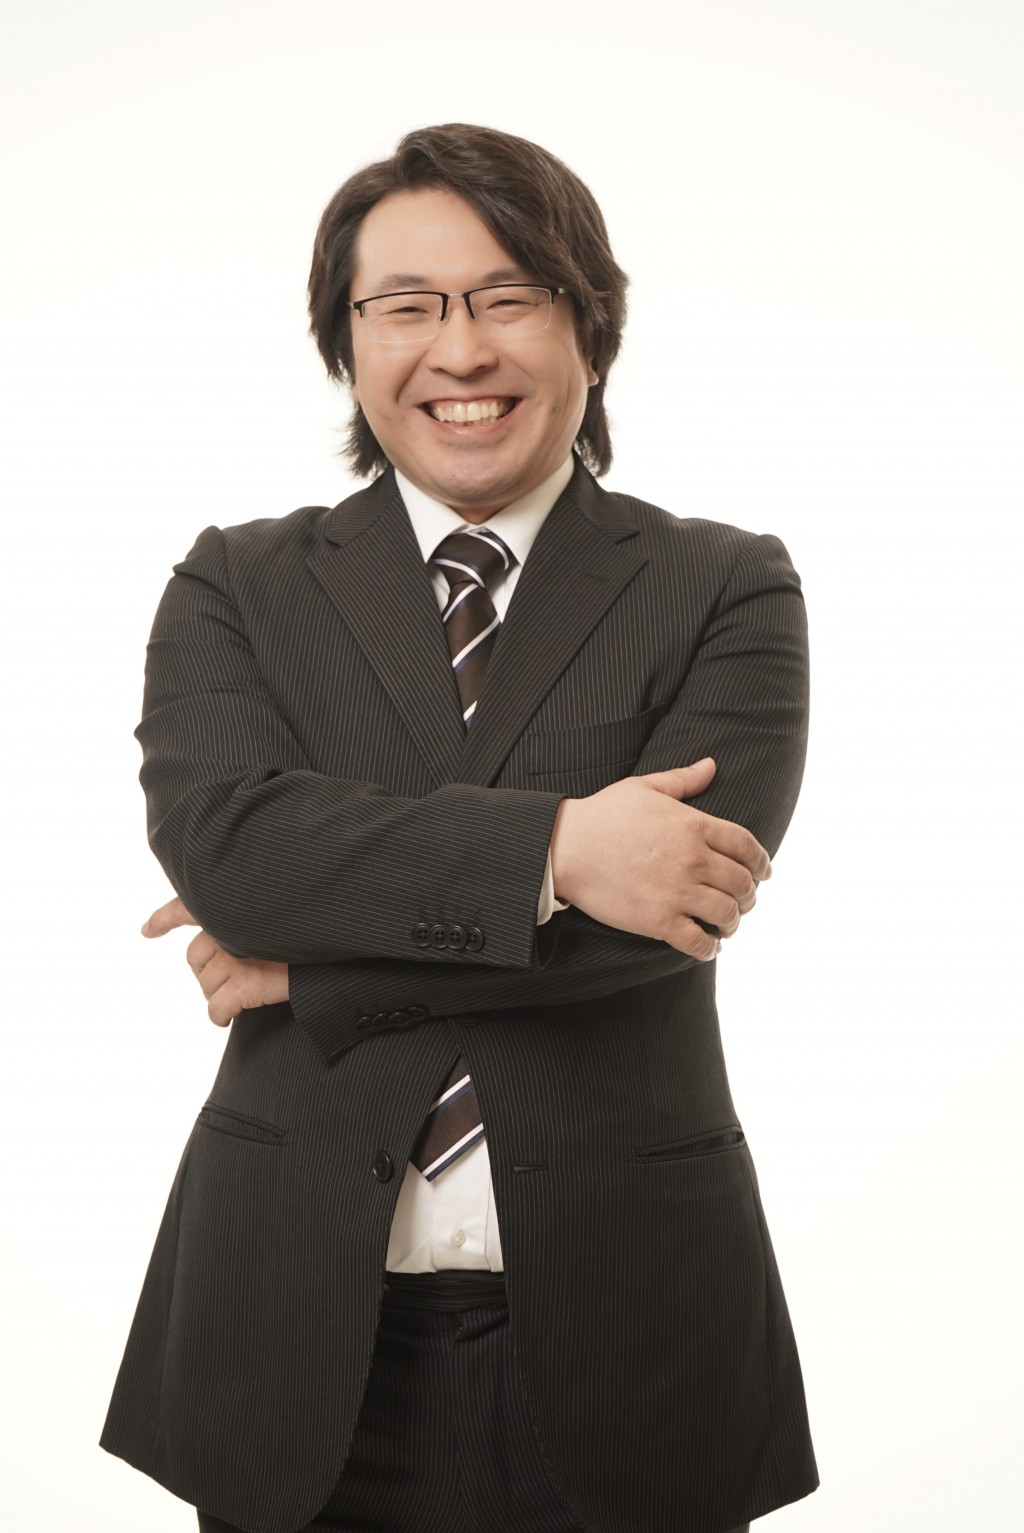 円盤ライダー 賢茂エイジ